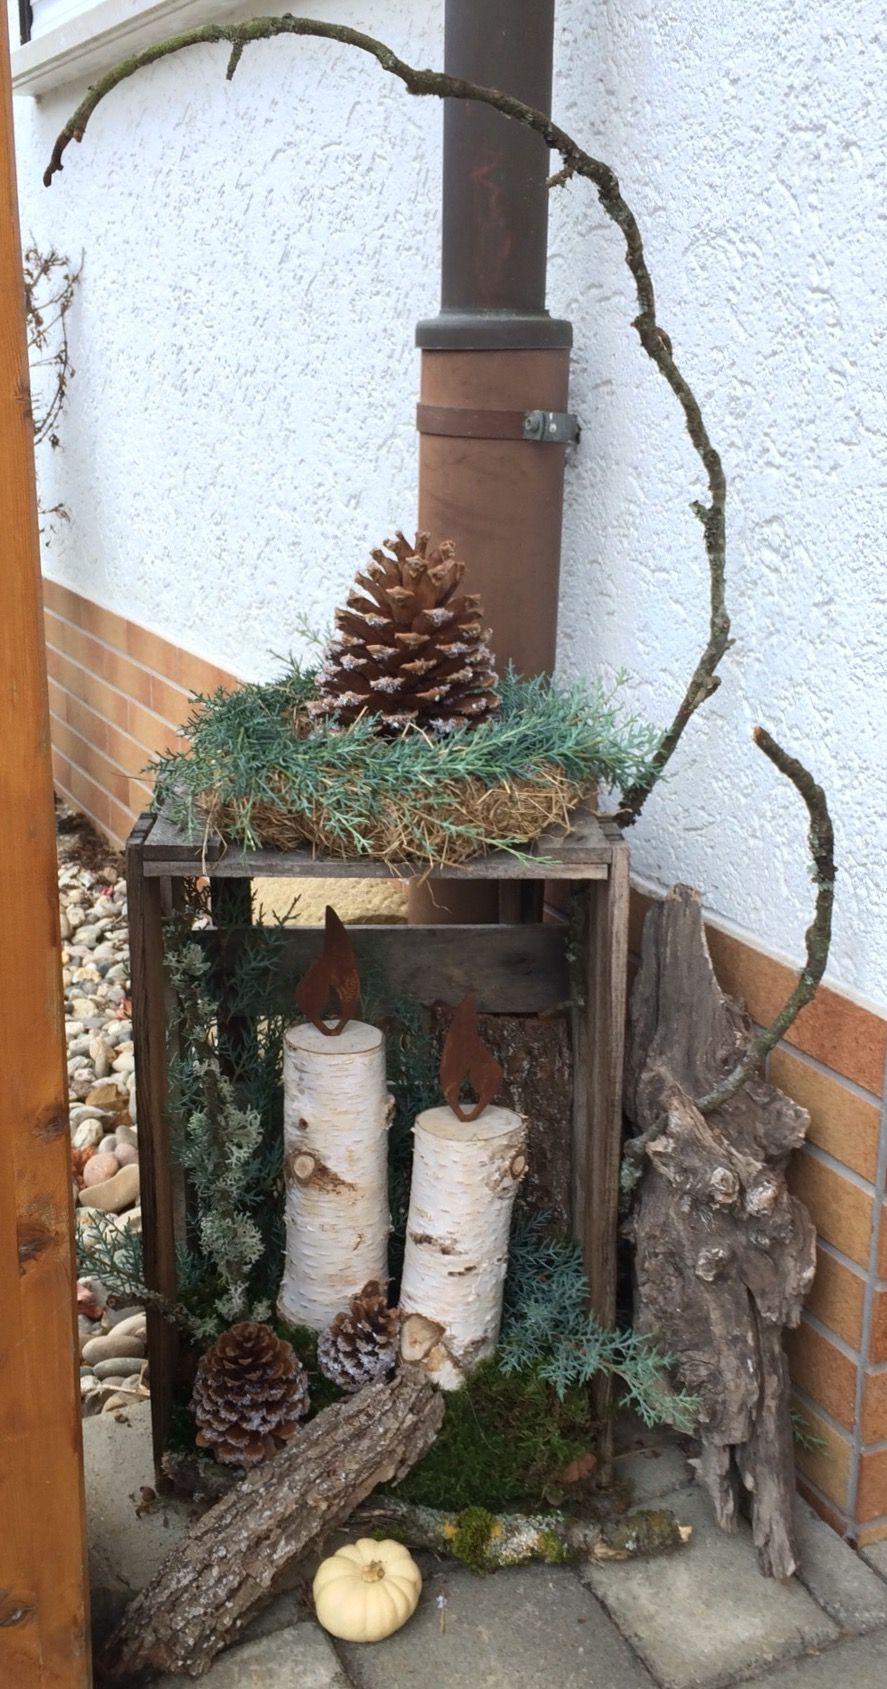 Weihnachtliche Deko am Hauseingang mit Naturmaterialien #herbstdekoeingangsbereichdraussen